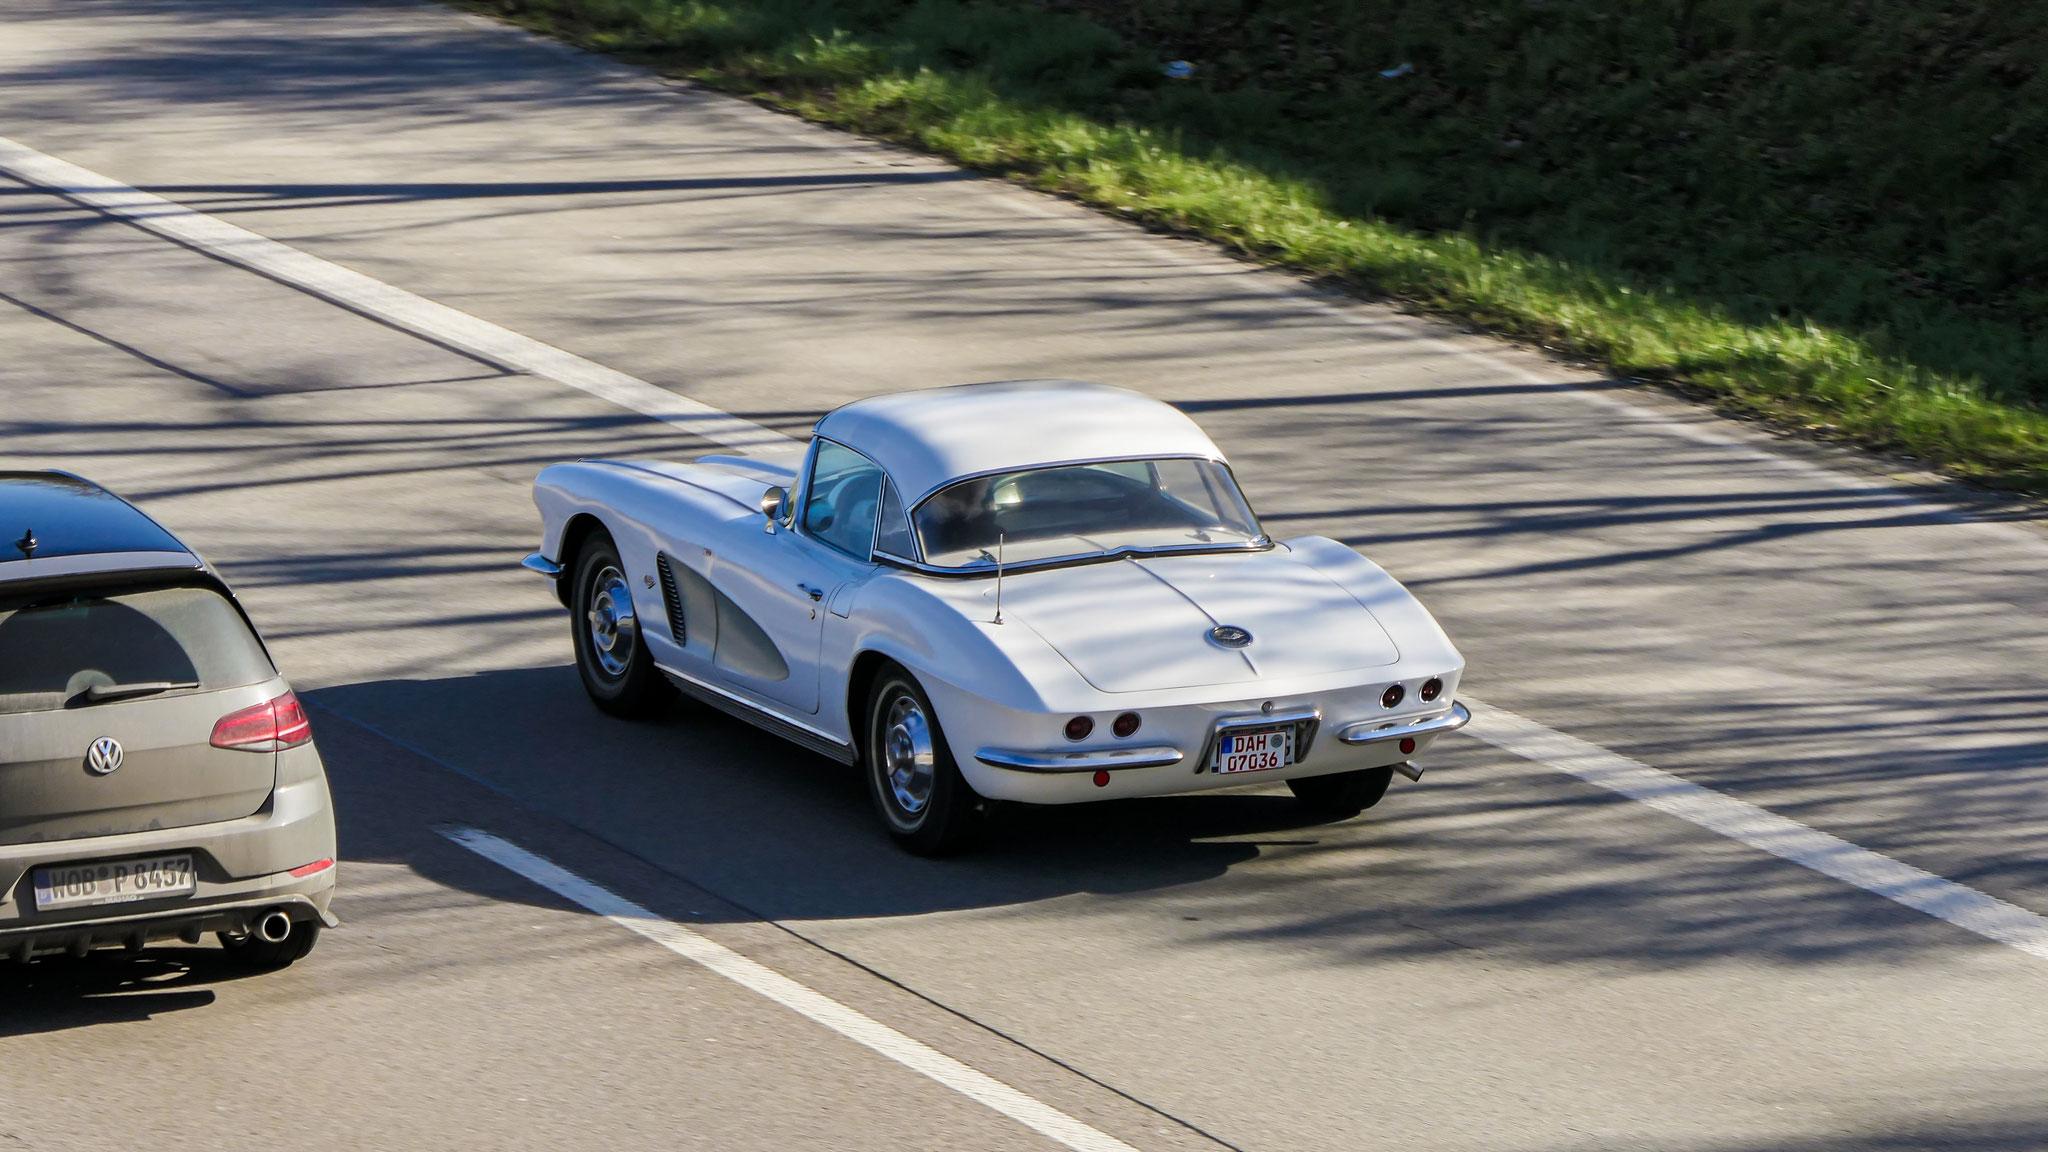 Chevrolet Corvette C1 - DAH-07036